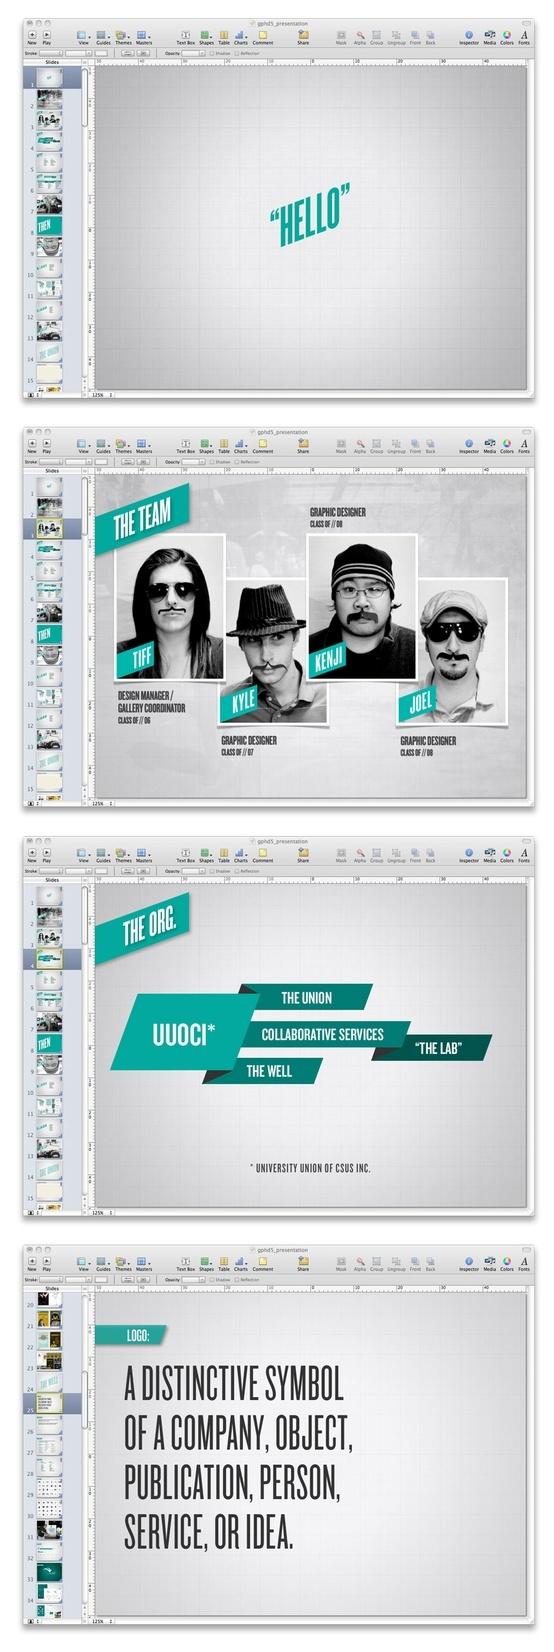 Best Keynote Presentation Design Images On